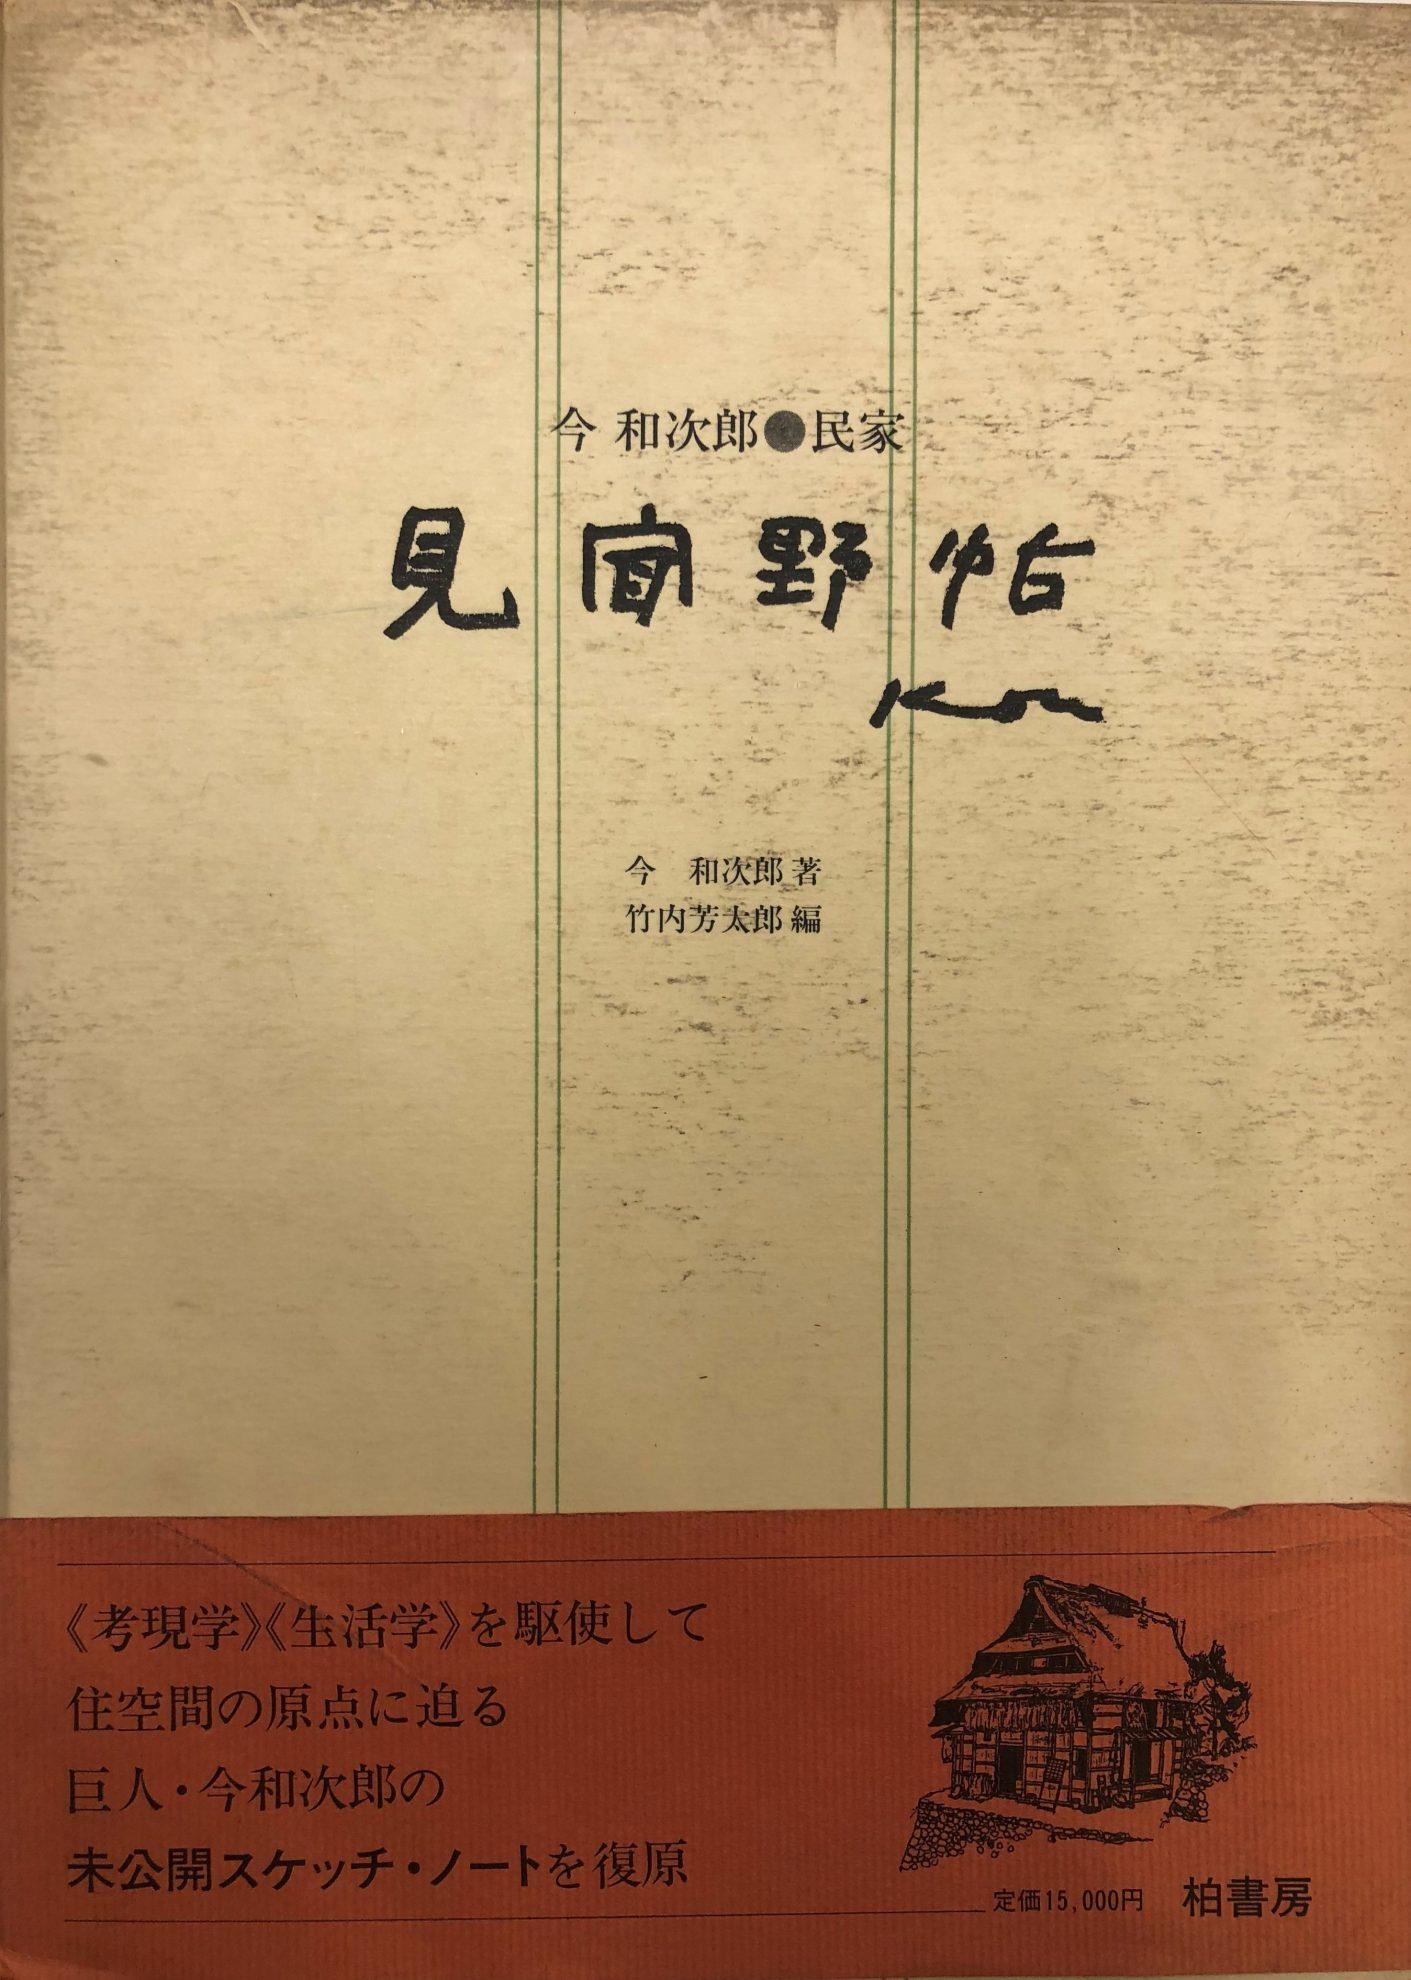 古書の街』神田神保町の古本屋・愛書館中川書房の古本・古書買取サイト・『ル・コルビュジエ全作品集』ほか建築関係の古本出張買取致しました